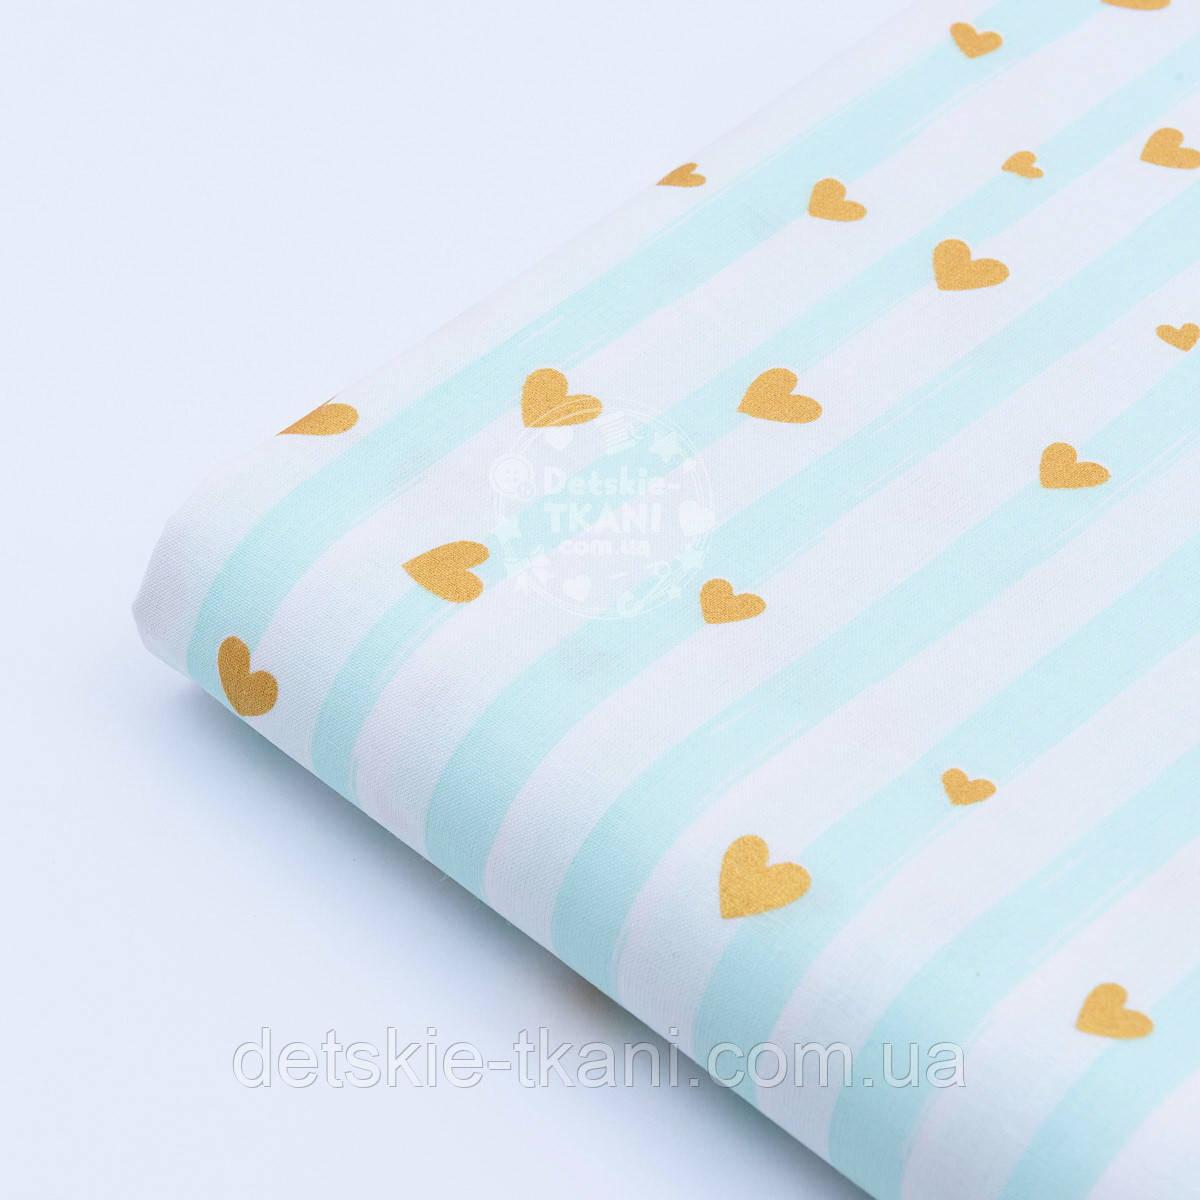 """Лоскут ткани с глиттерным """"Золотистые сердечки и мятные полосы """" на белом №1655а, размер 59*60 см"""